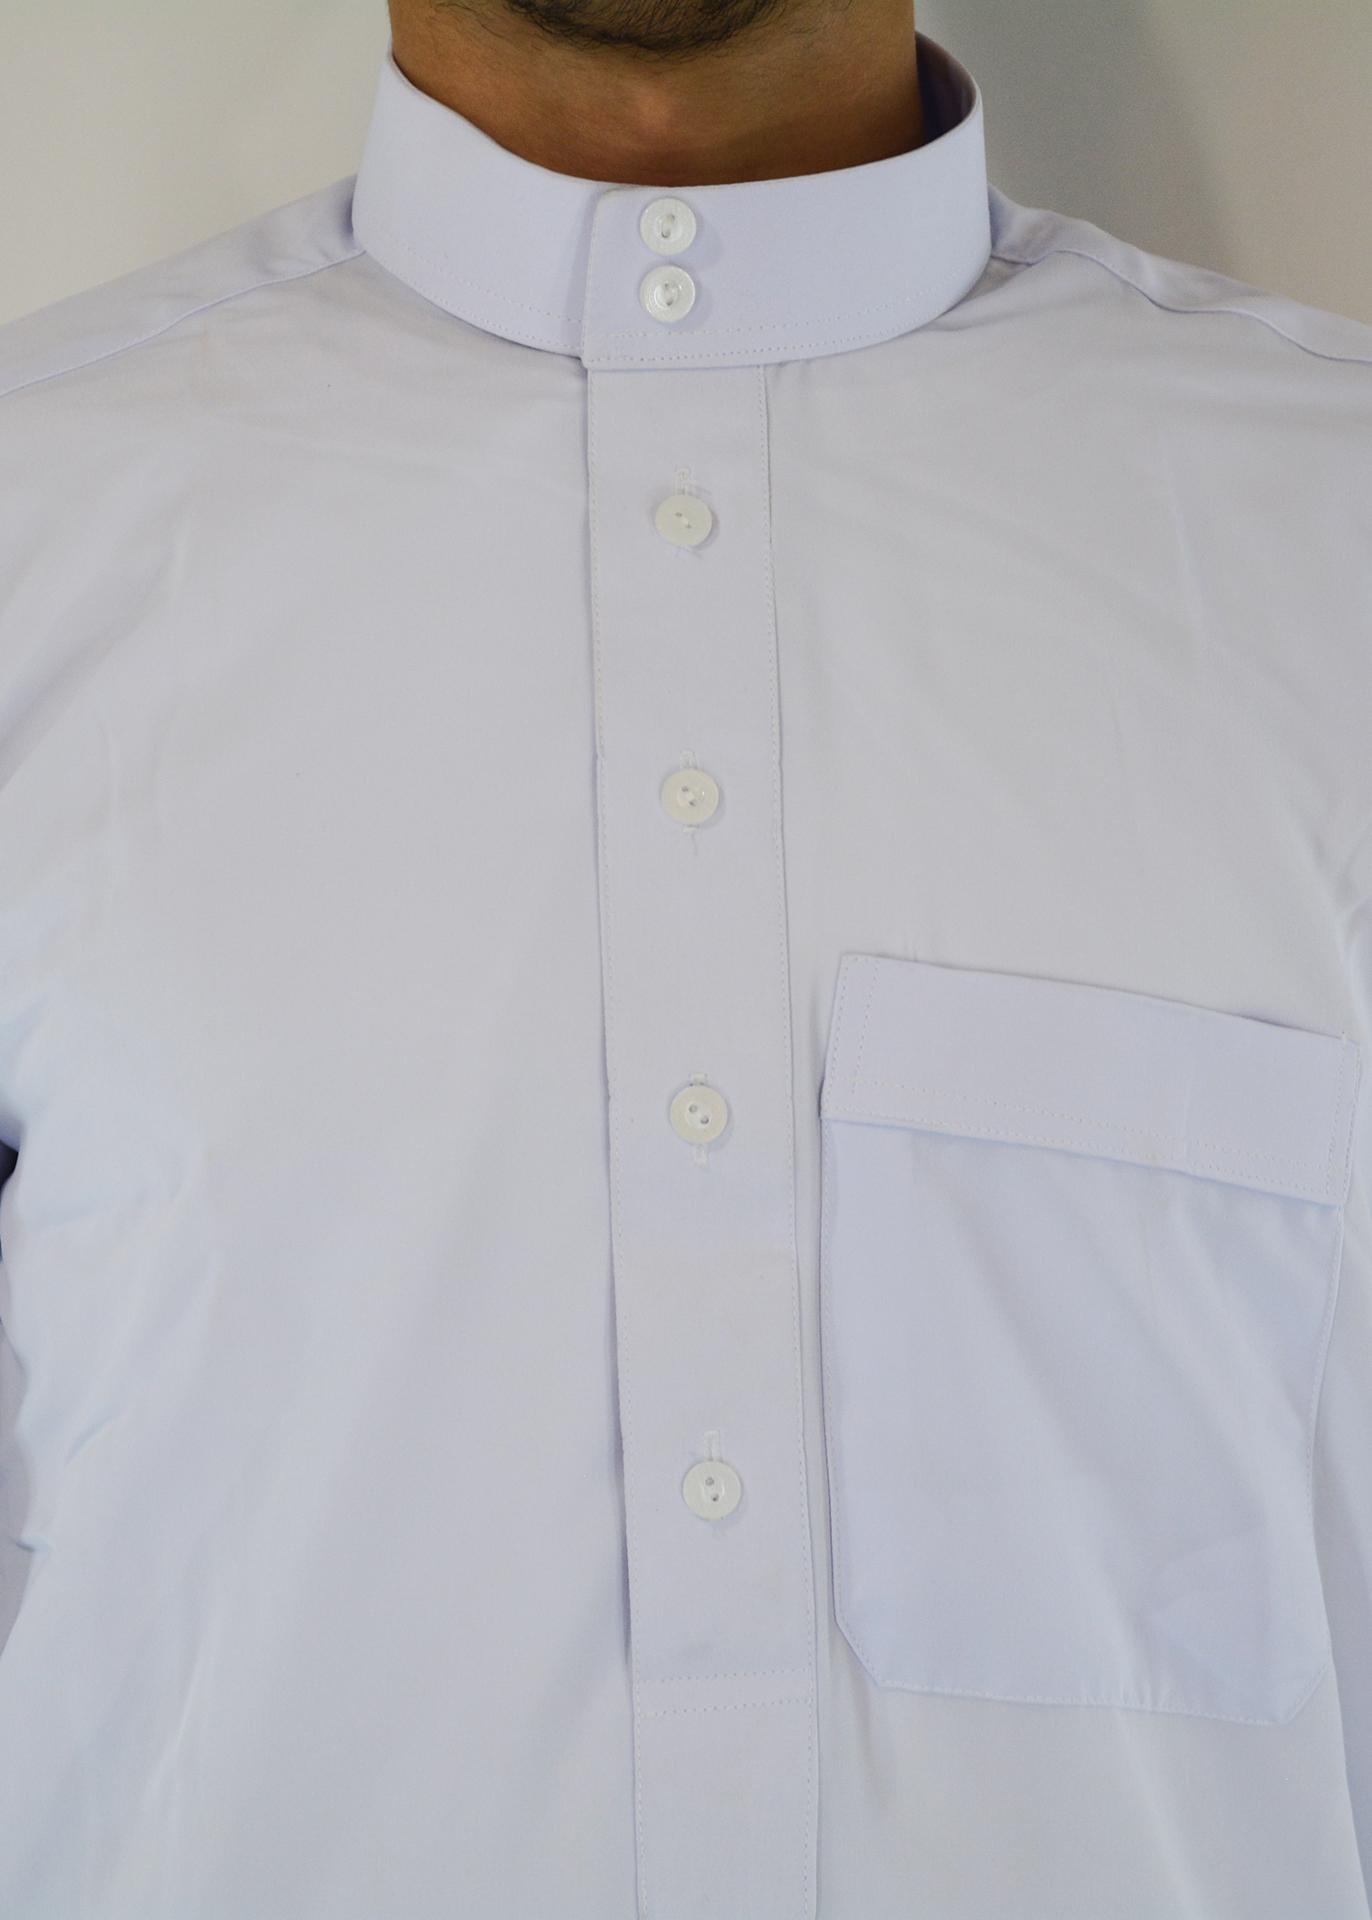 Musabi White Salwar Kameez with Button up front and Collar closeup ME708